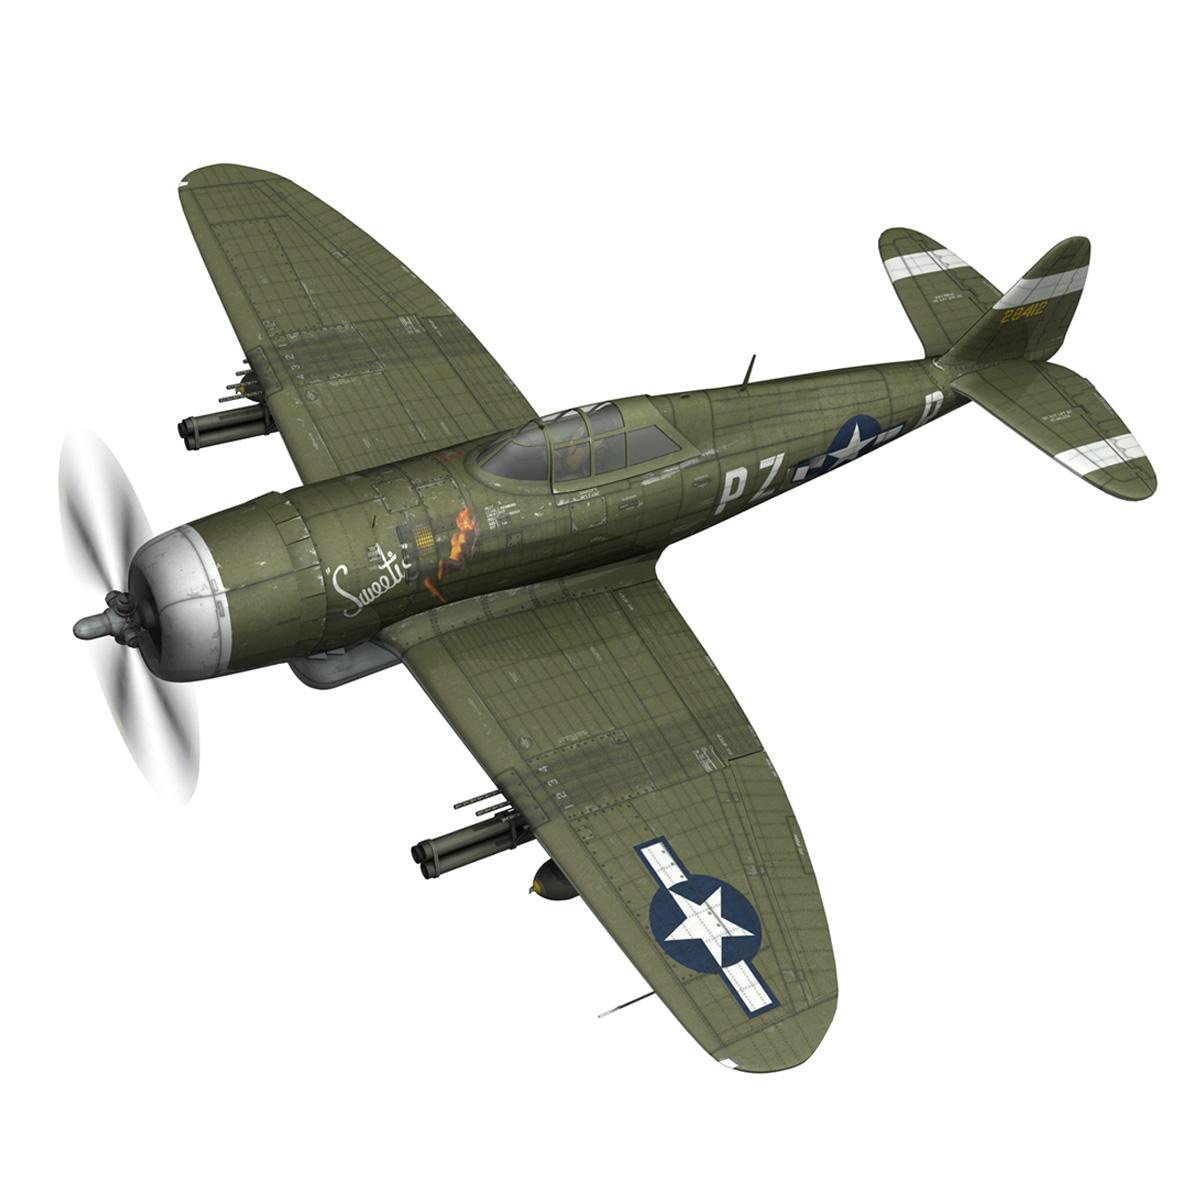 republic p-47d thunderbolt – sweetie – pz-r 3d model 3ds fbx c4d lwo obj 281833